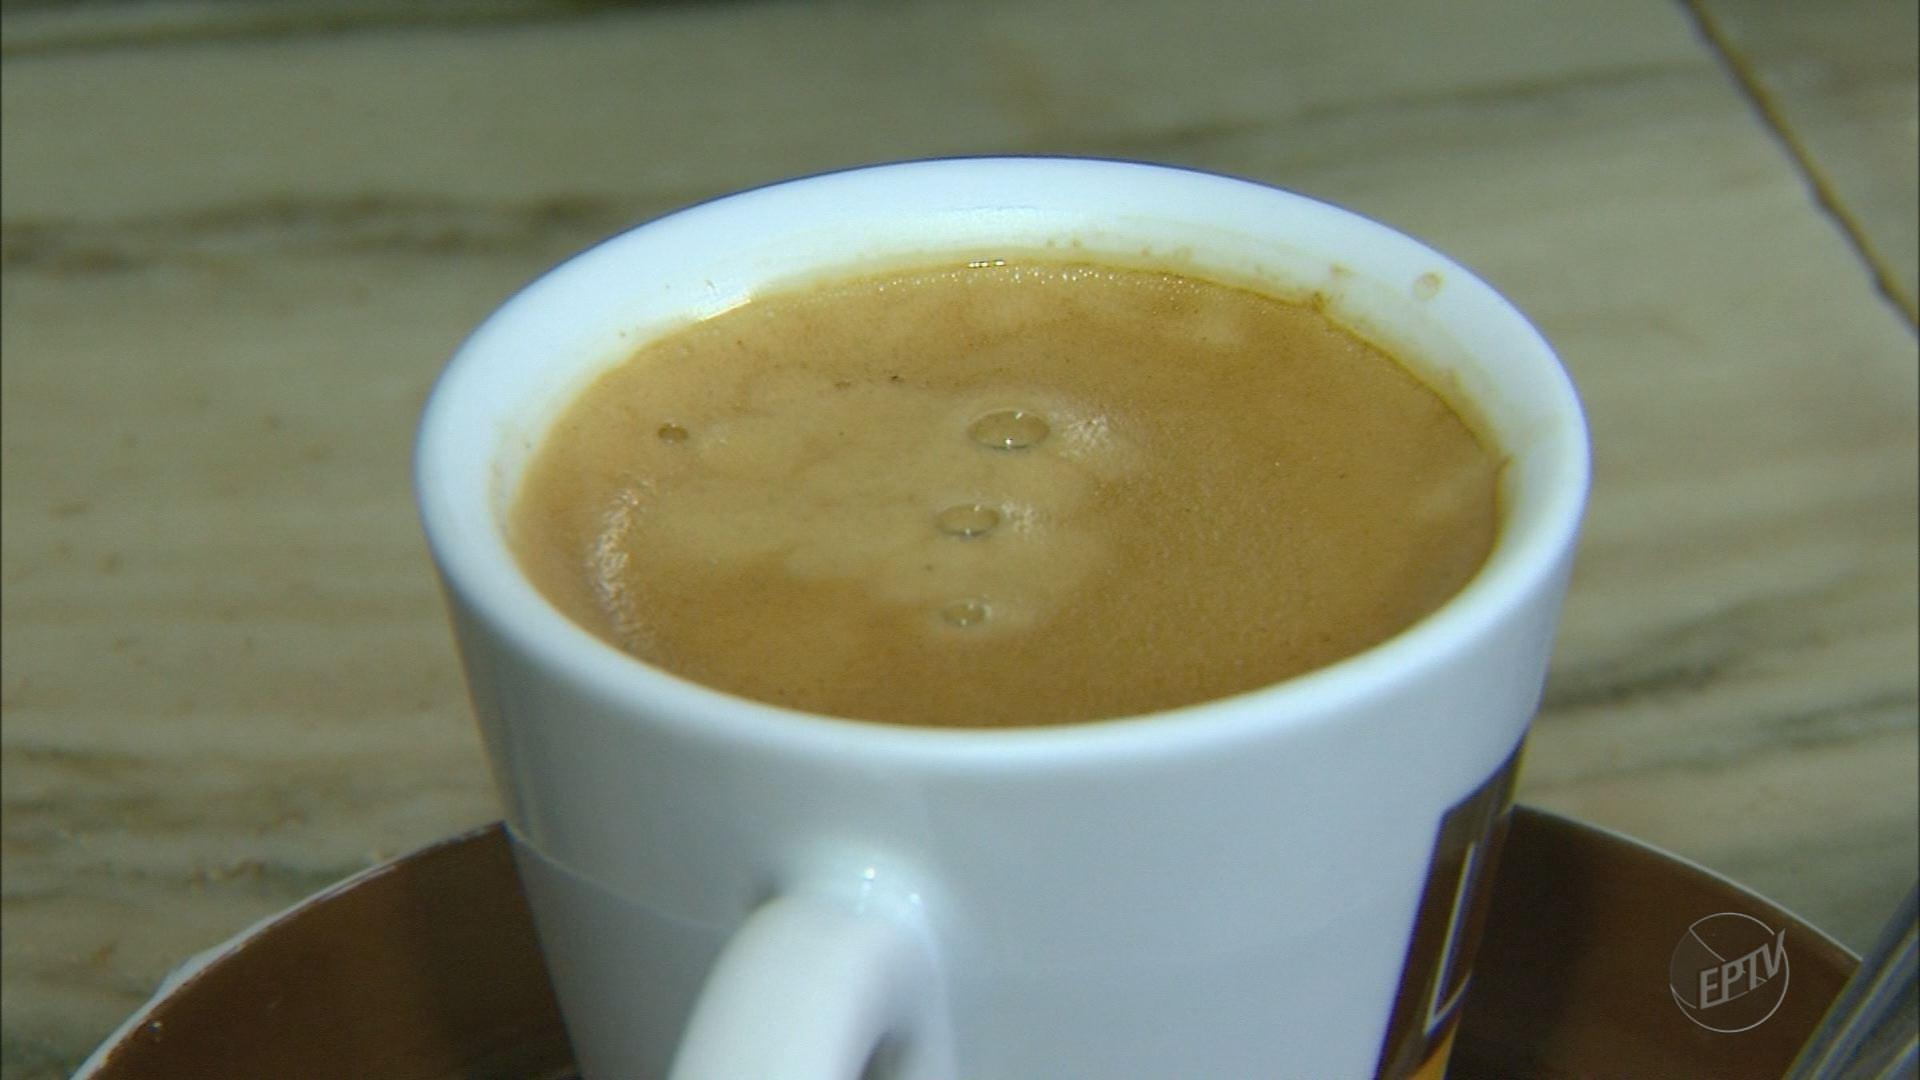 Produtores de café da Alta Mogiana estimam safra recorde de café em 2016 (Foto: José Augusto Júnior/EPTV)